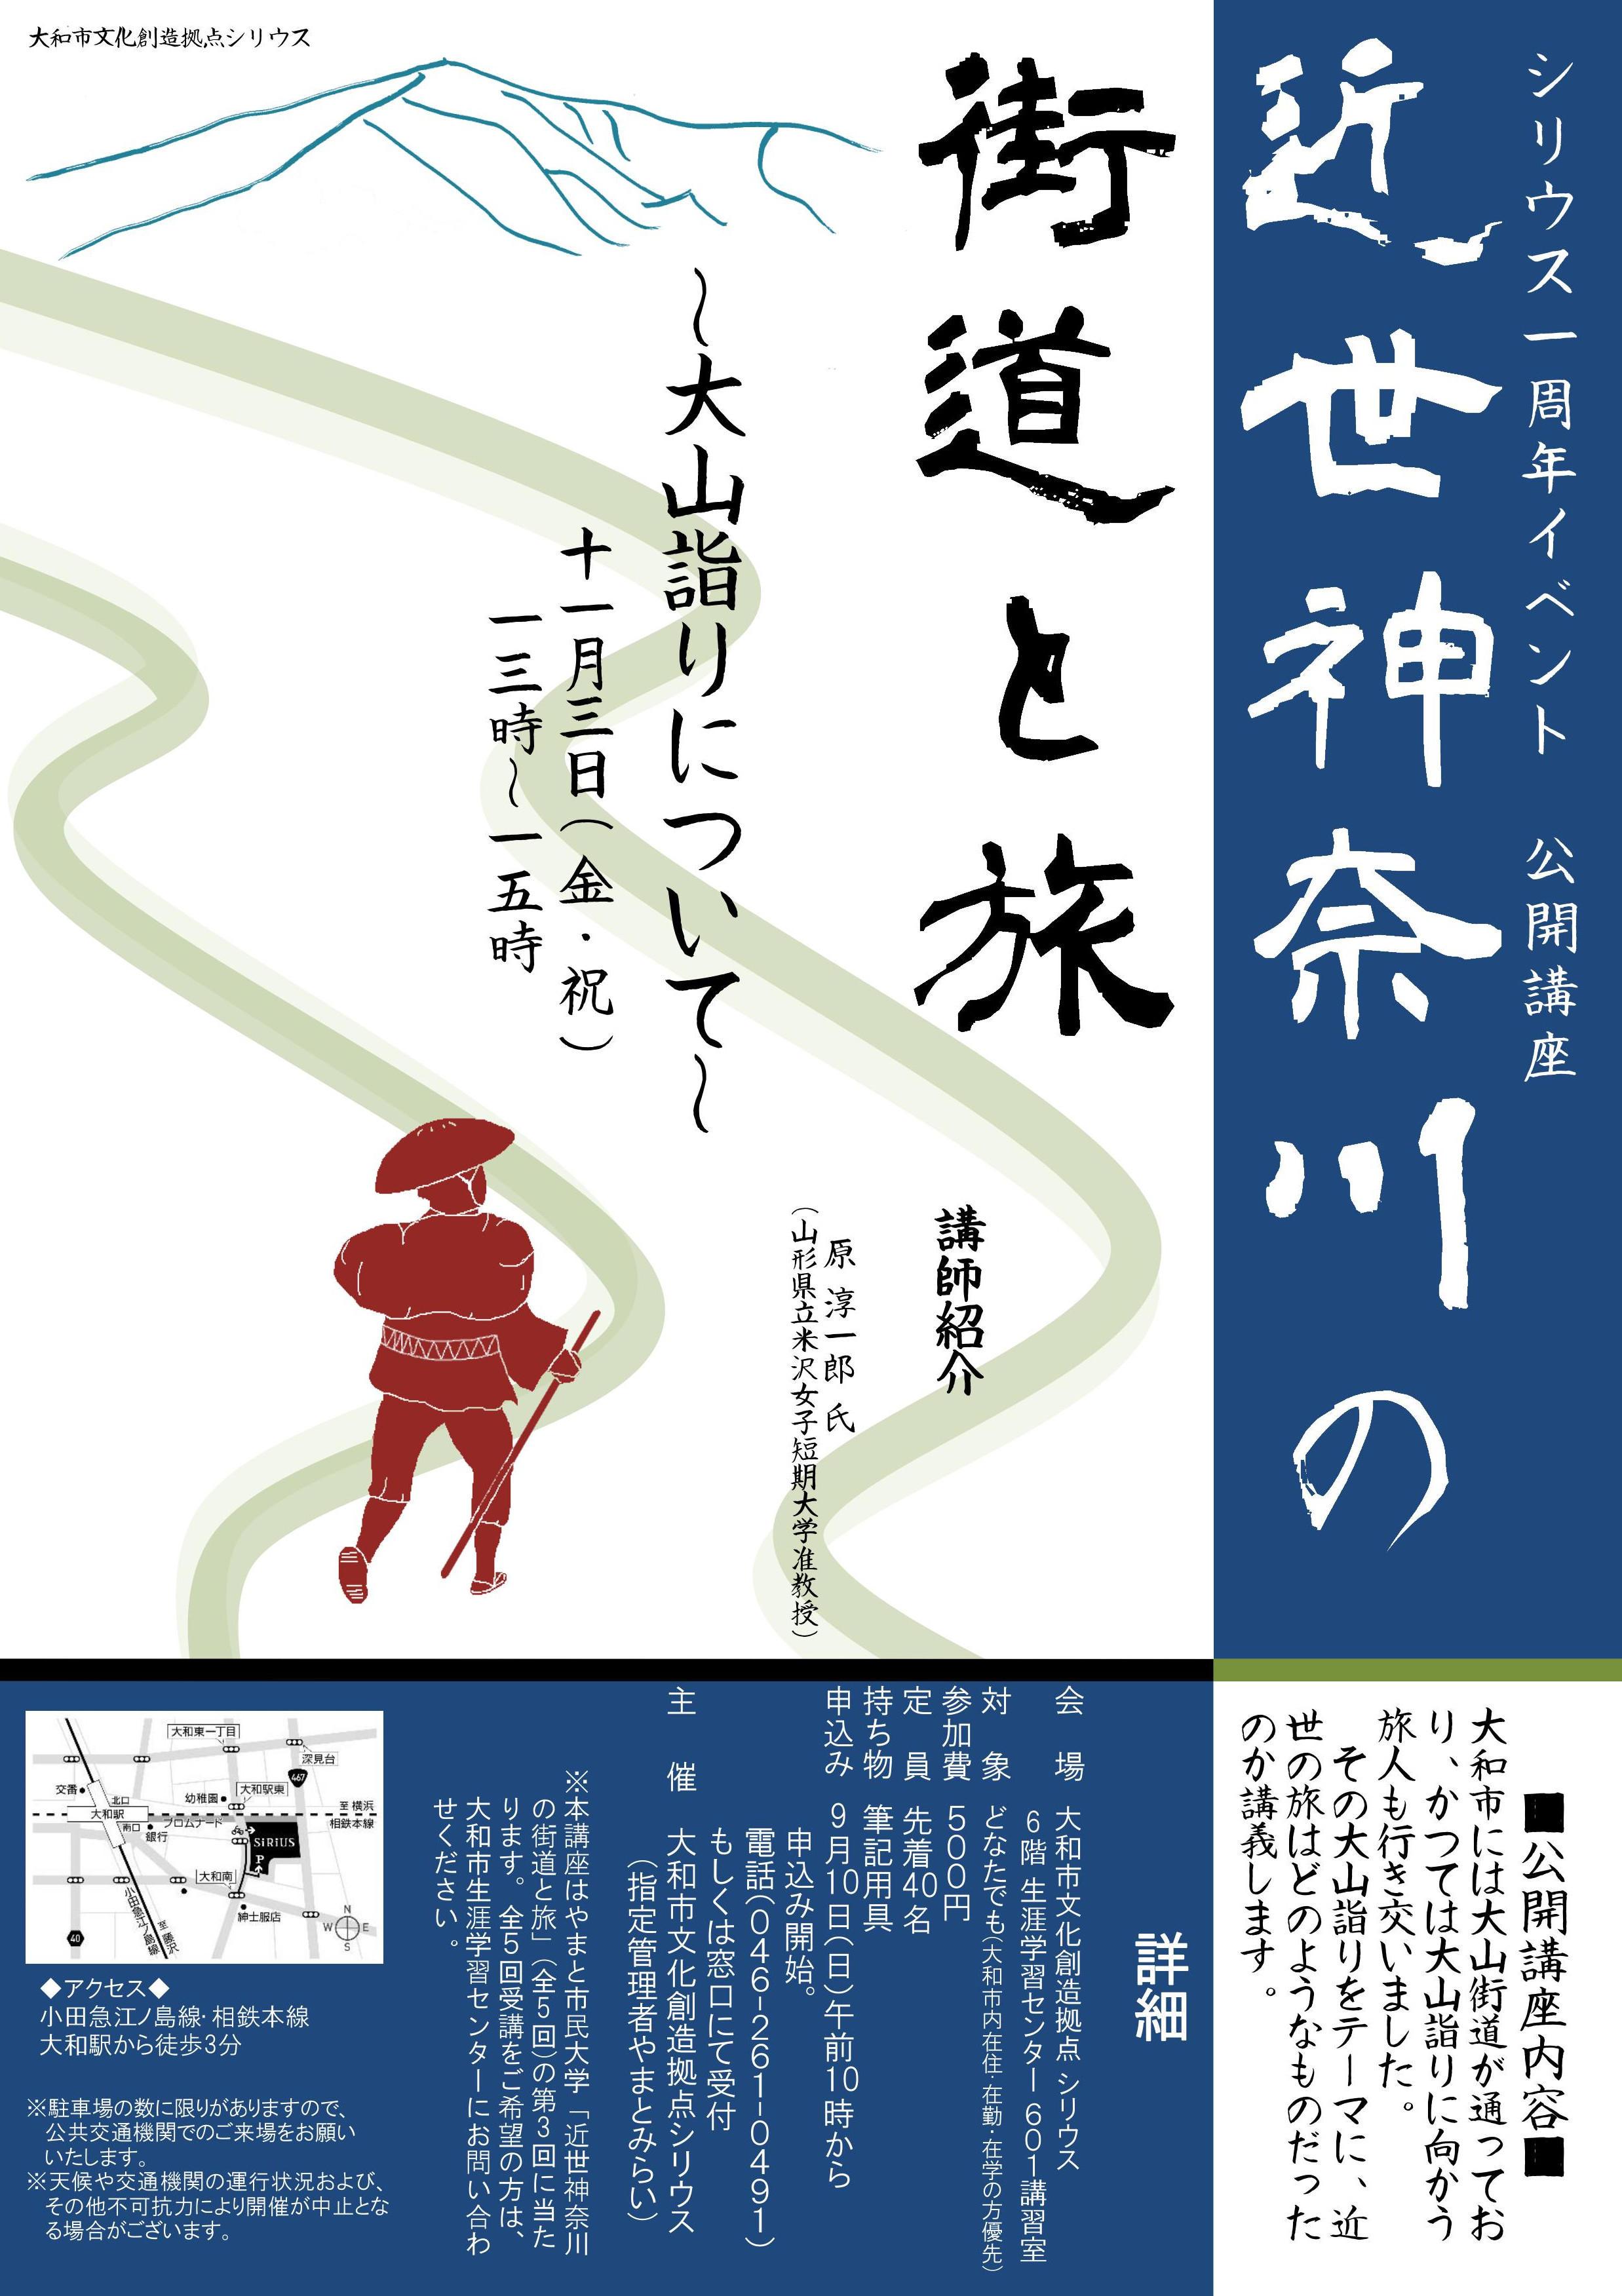 《募集終了》シリウス一周年イベント 公開講座近世神奈川の街道と旅~大山詣りについて~